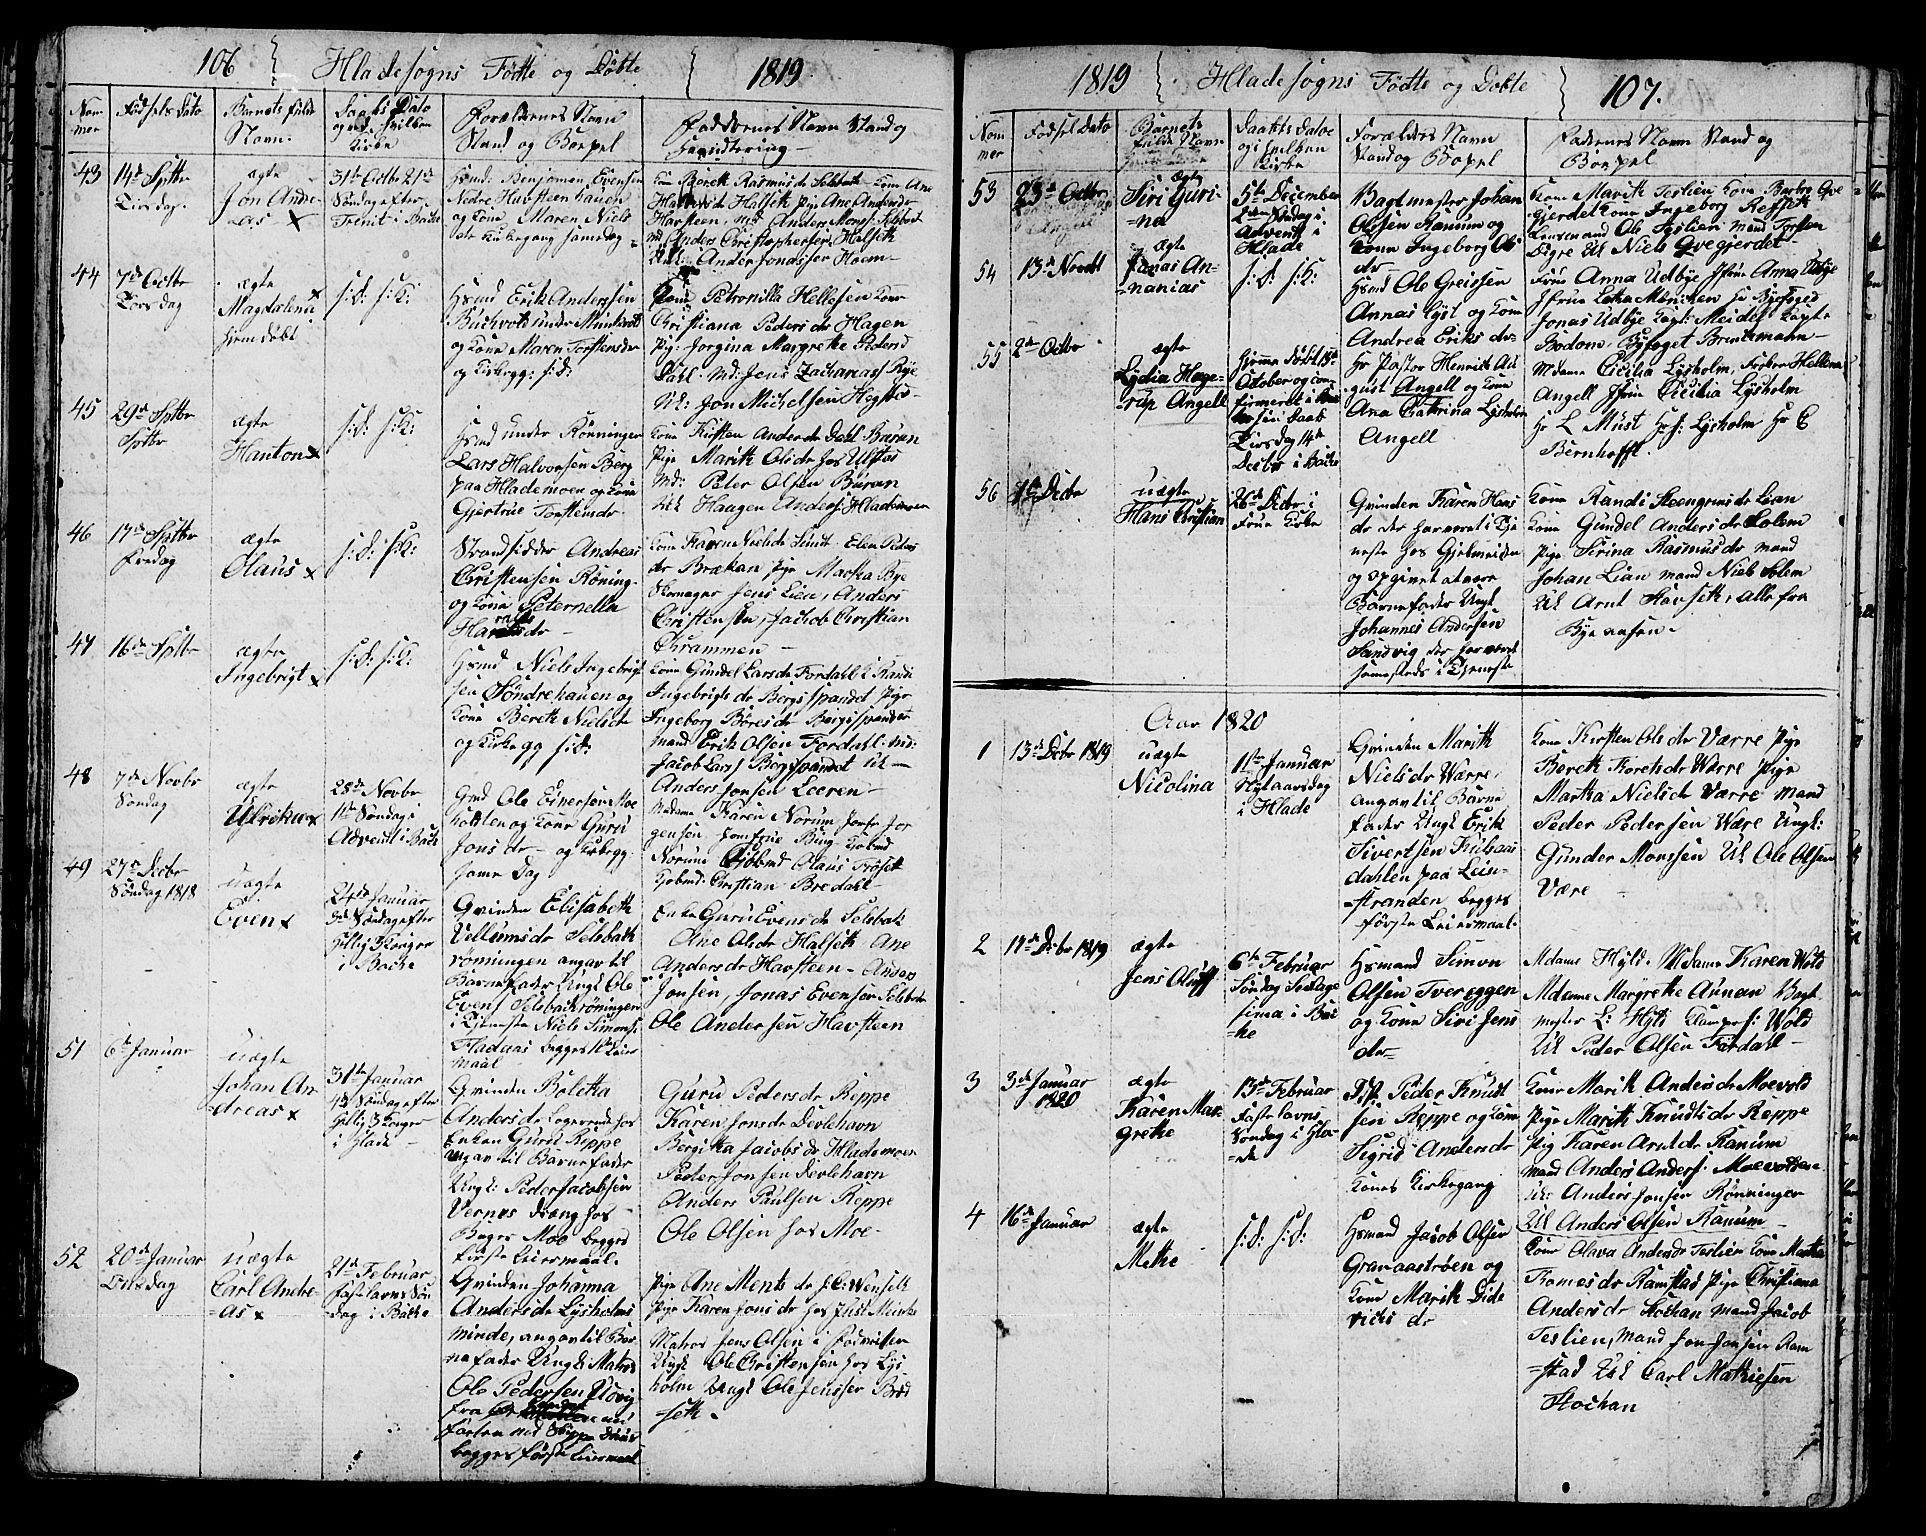 SAT, Ministerialprotokoller, klokkerbøker og fødselsregistre - Sør-Trøndelag, 606/L0306: Klokkerbok nr. 606C02, 1797-1829, s. 106-107